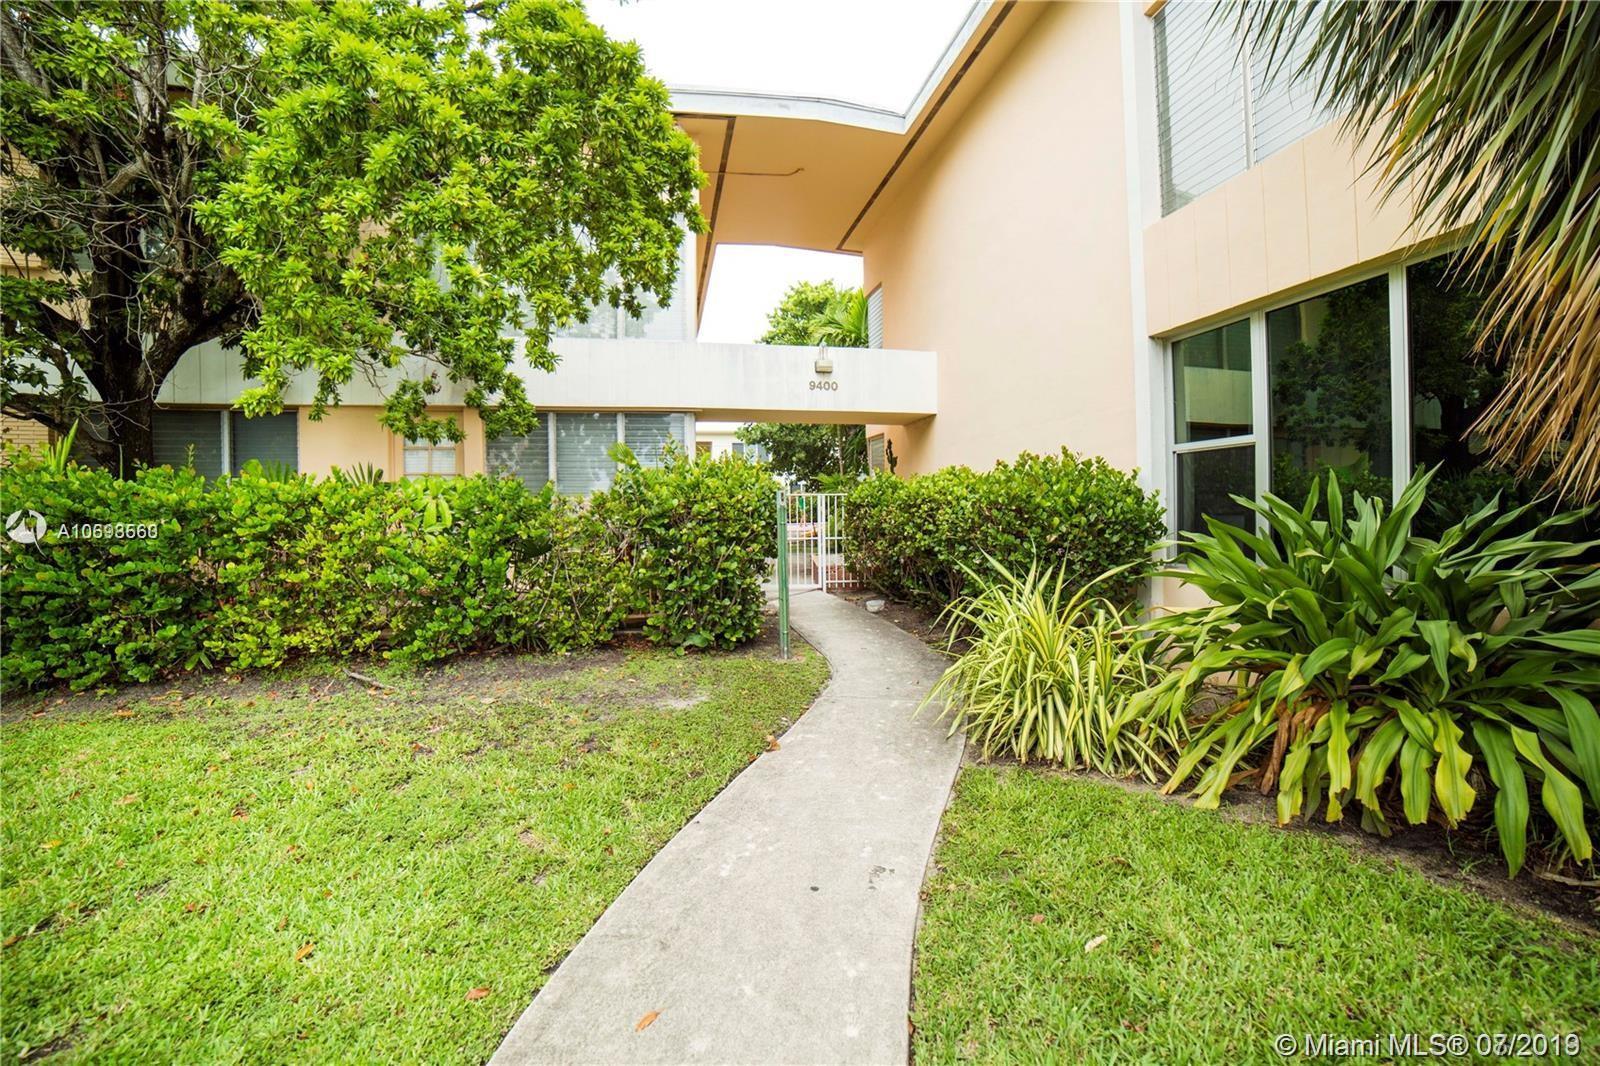 9400 E Bay Harbor Dr, Bay Harbor Islands, FL 33154 - Bay Harbor Islands, FL real estate listing